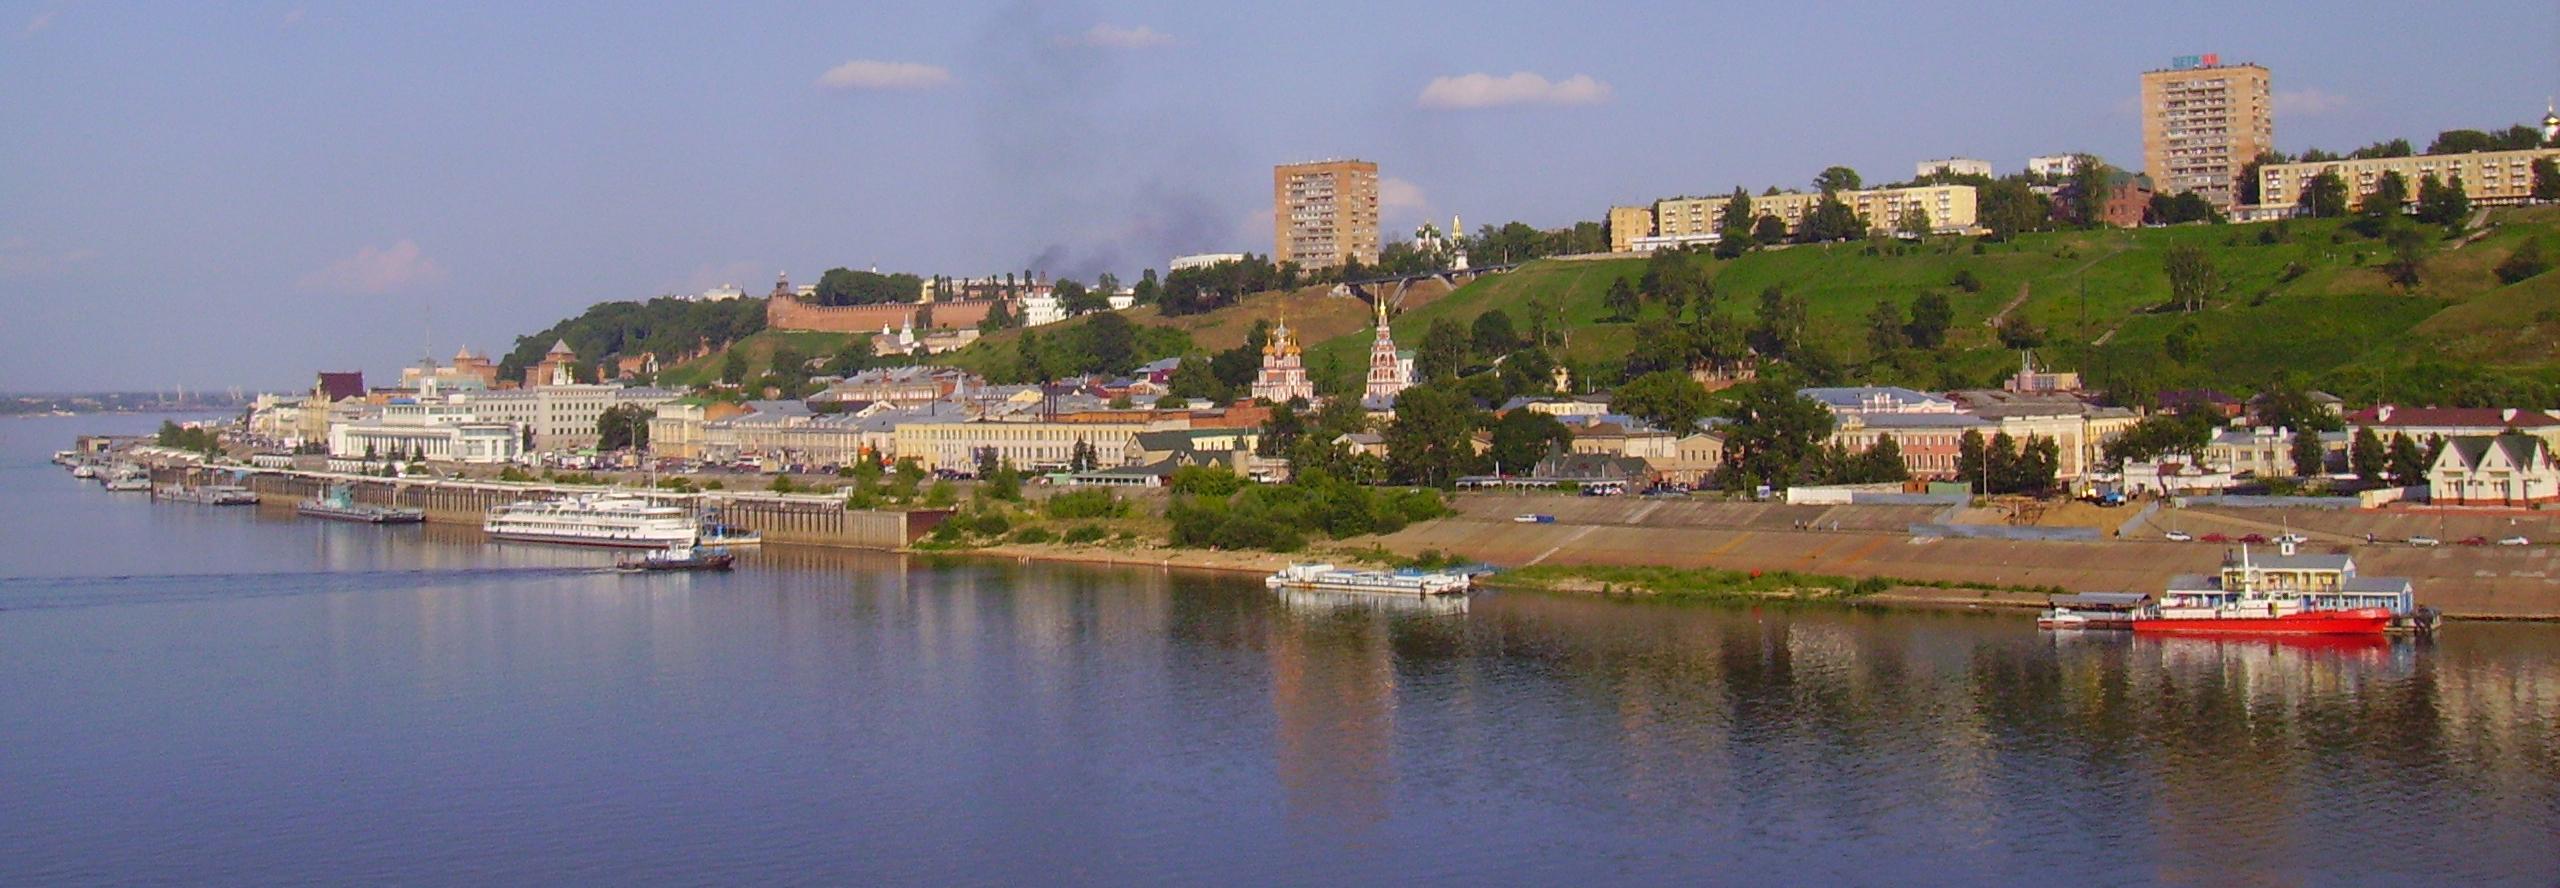 Сайт досуг н новгород 16 фотография